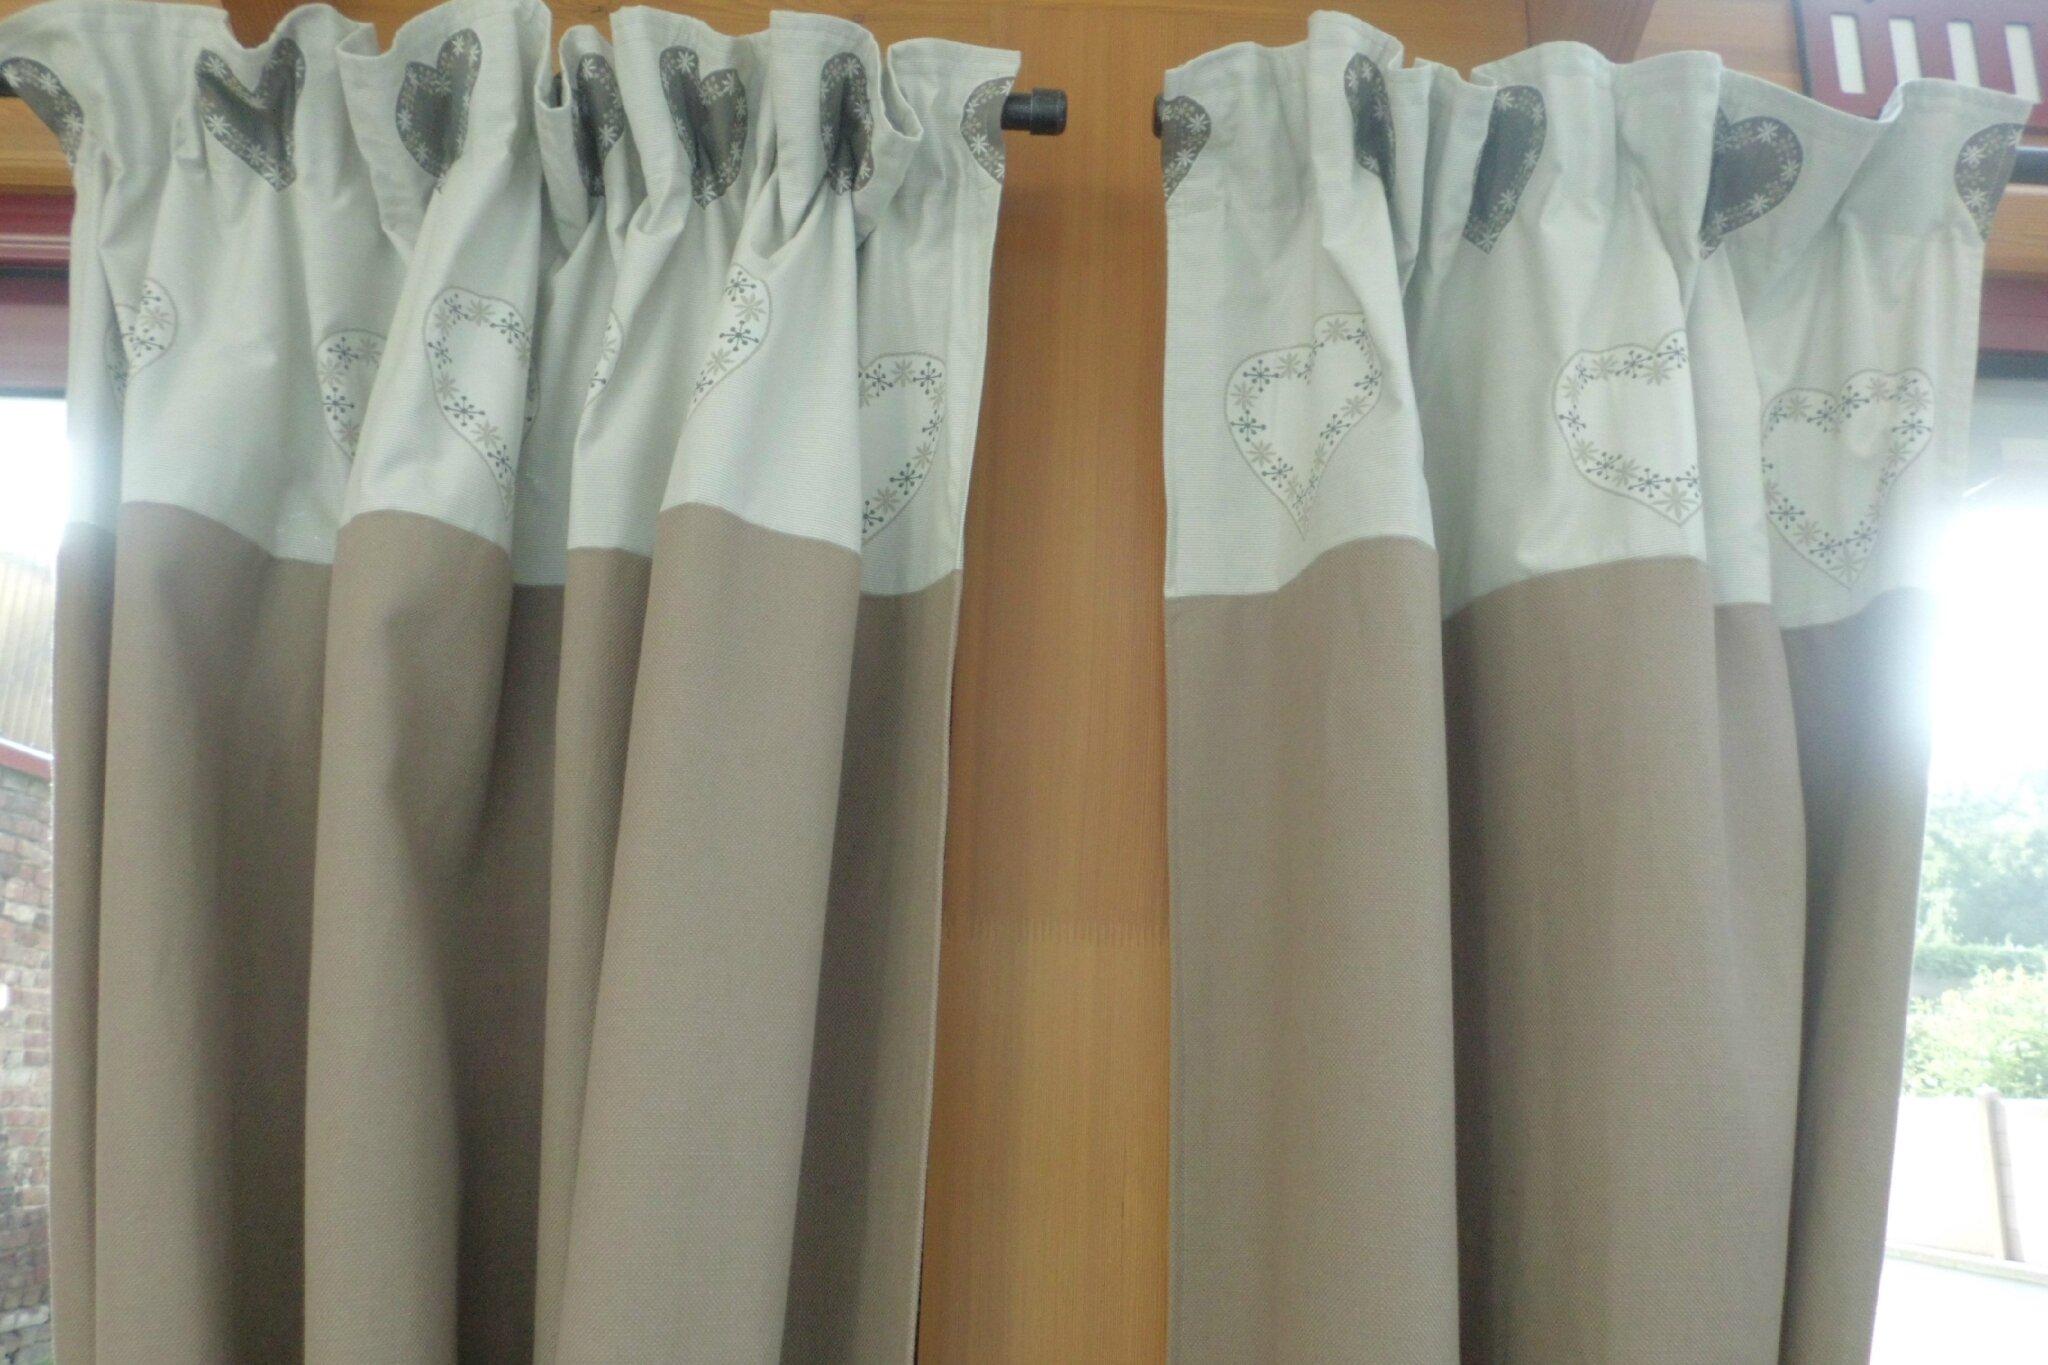 double rideaux motif coeurs photo de d coration int rieure brod 39 n 39 roll. Black Bedroom Furniture Sets. Home Design Ideas